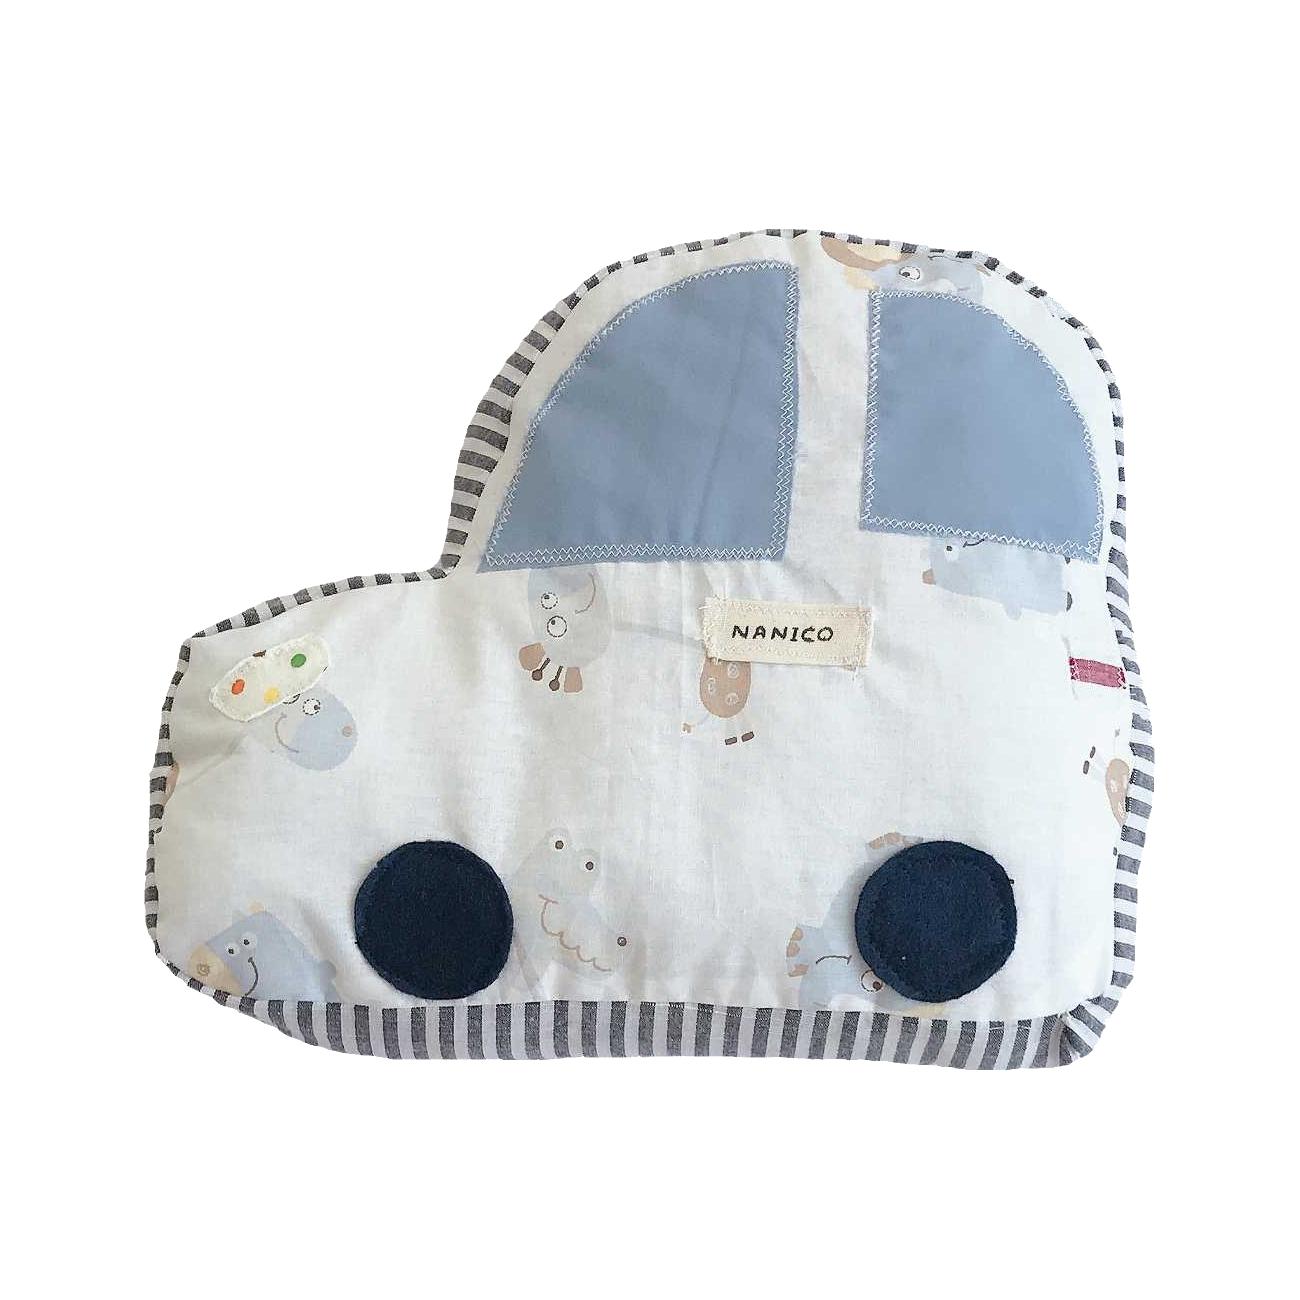 محافظ تخت کودک طرح ماشین کد 01